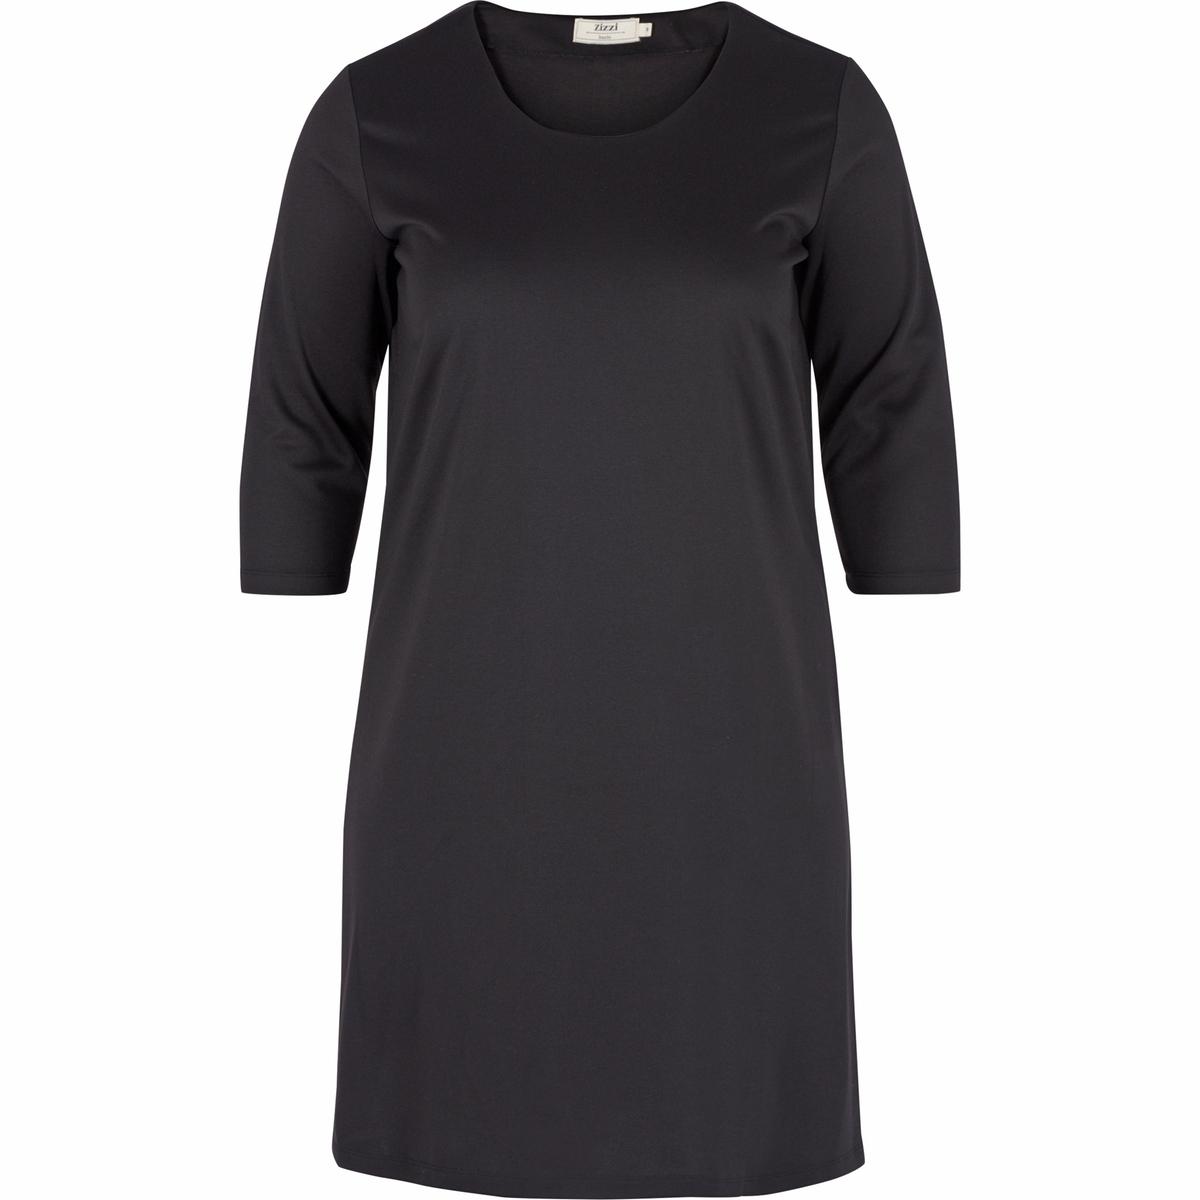 ПлатьеПлатье с рукавами 3/4 - ZIZZI. 95% полиэстера, 5% эластана. Красивое платье с рукавами 3/4 и круглым вырезом. Можно надевать для любого случая<br><br>Цвет: черный<br>Размер: 50/52 (FR) - 56/58 (RUS).46/48 (FR) - 52/54 (RUS)